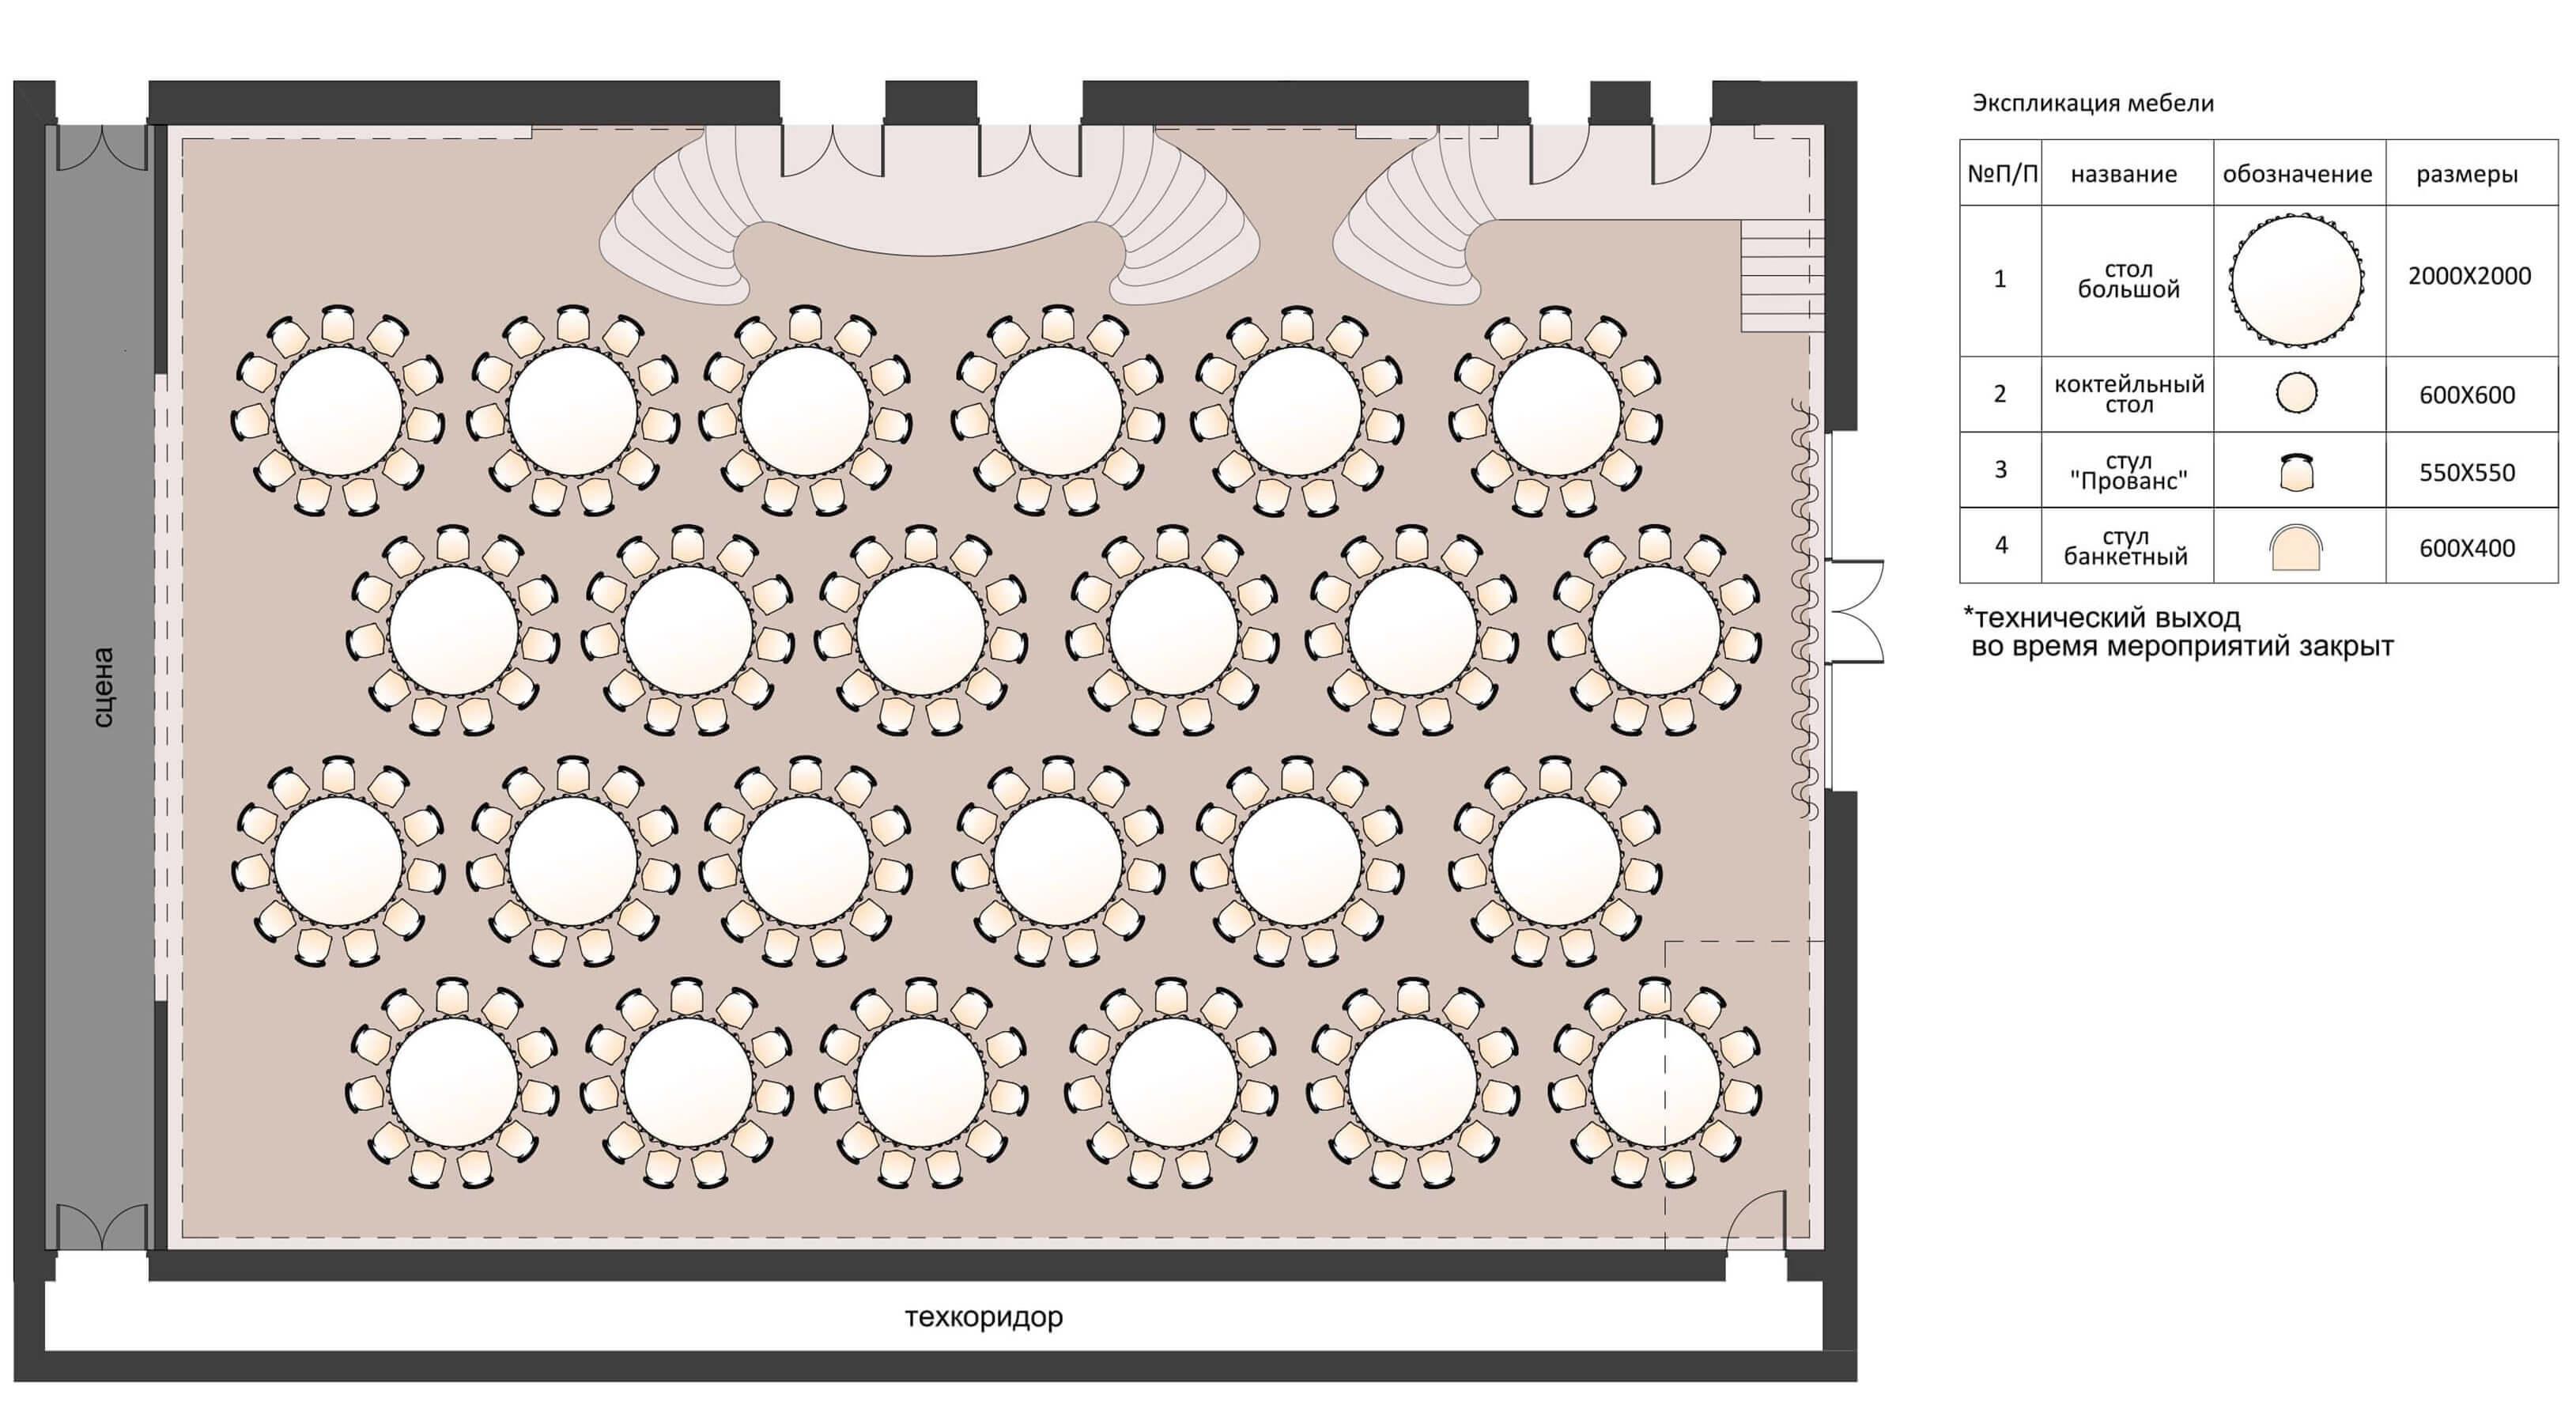 планировка банкетного зала